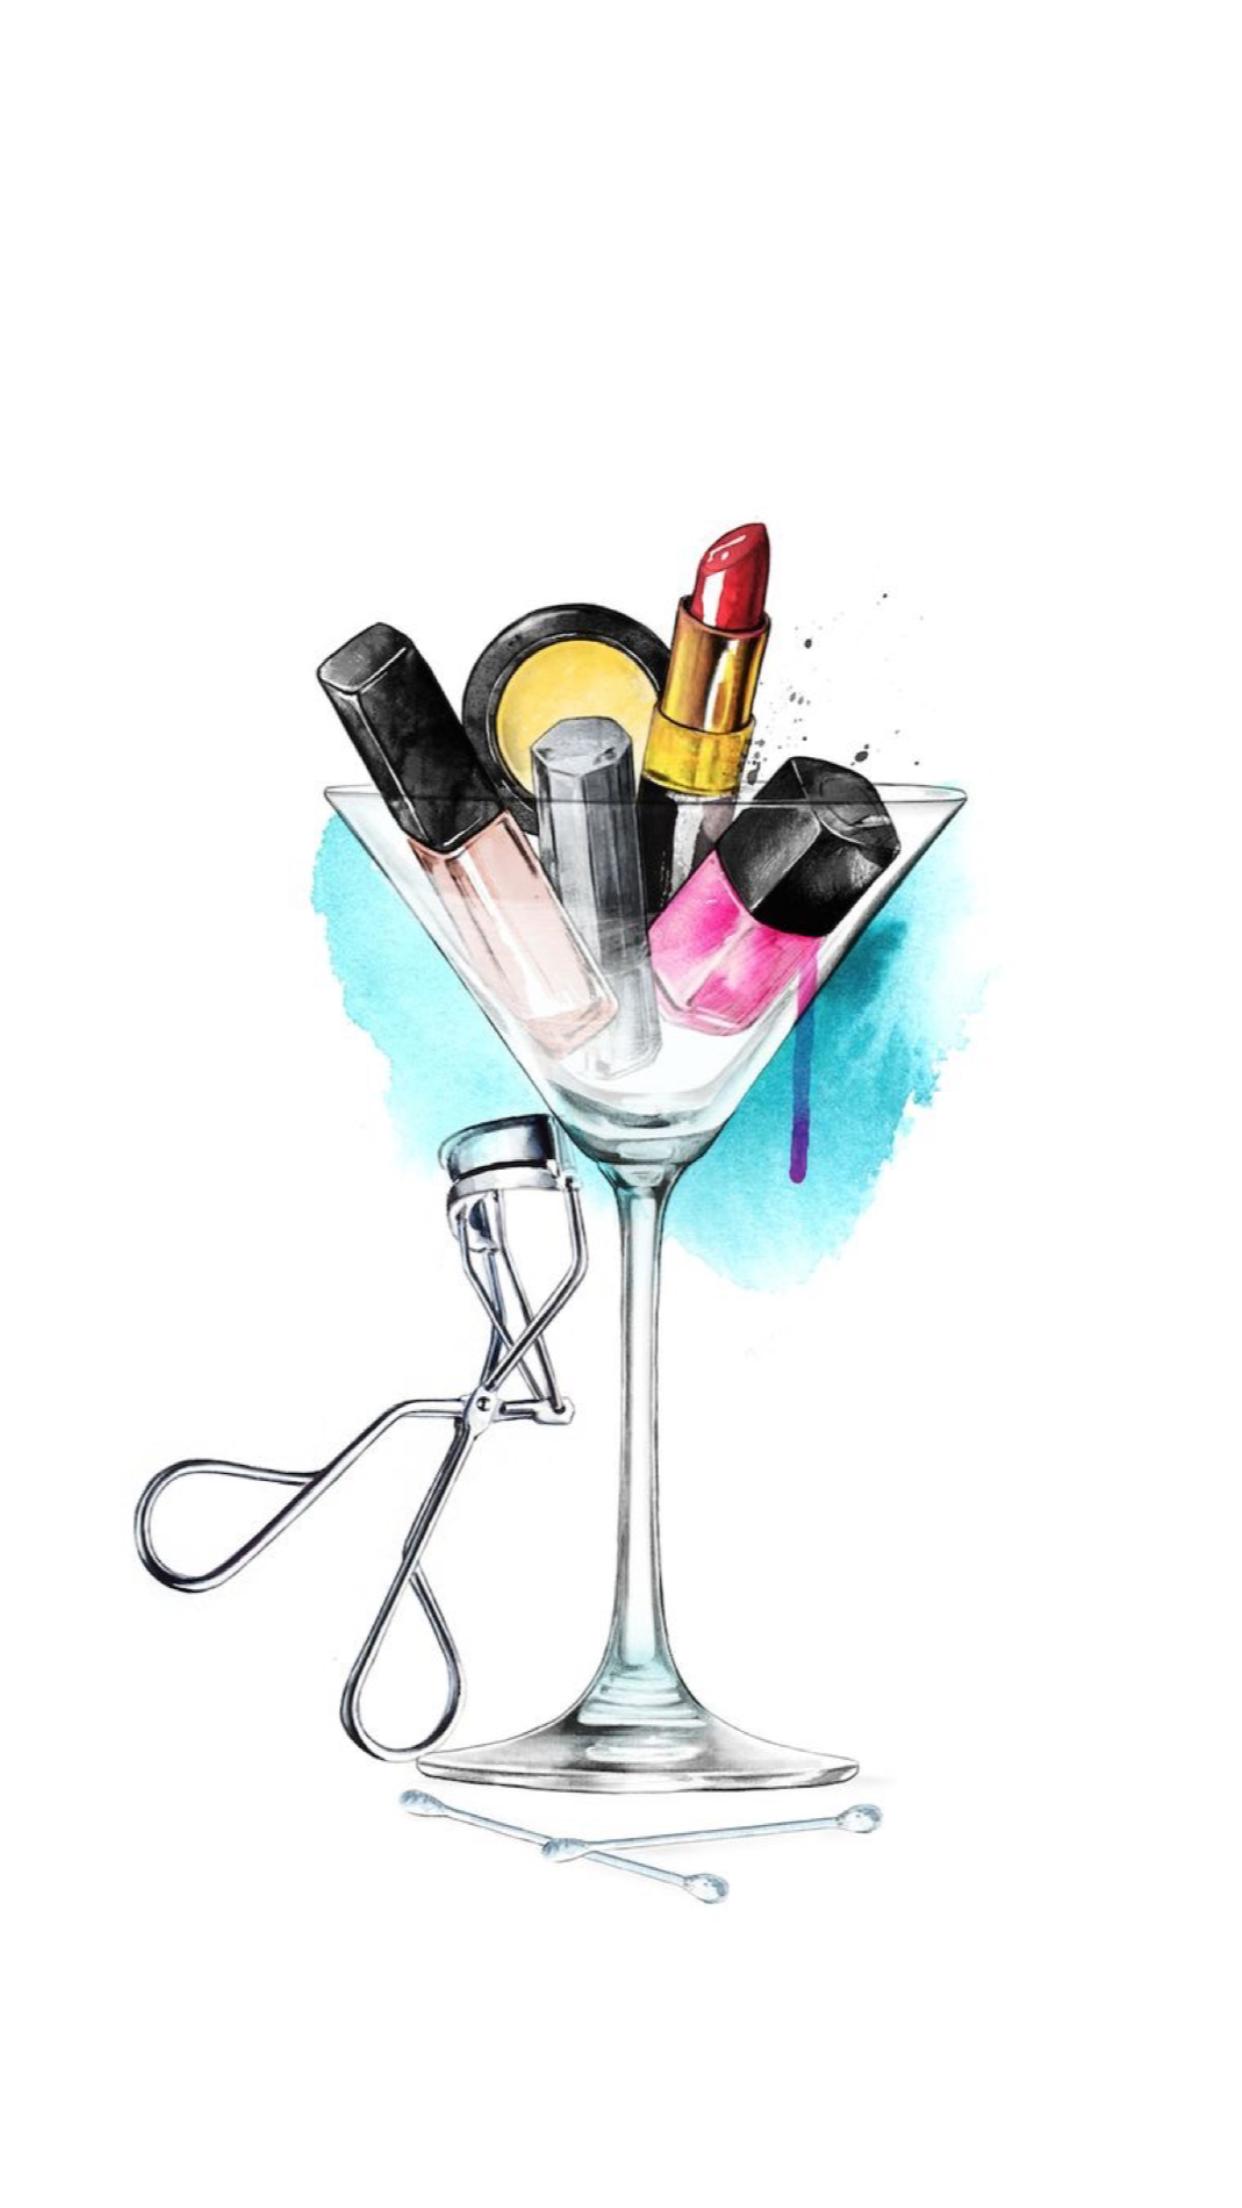 iPhone Wall tjn | iPhone Walls 4 | Makeup illustration, Makeup drawing, Makeup Art